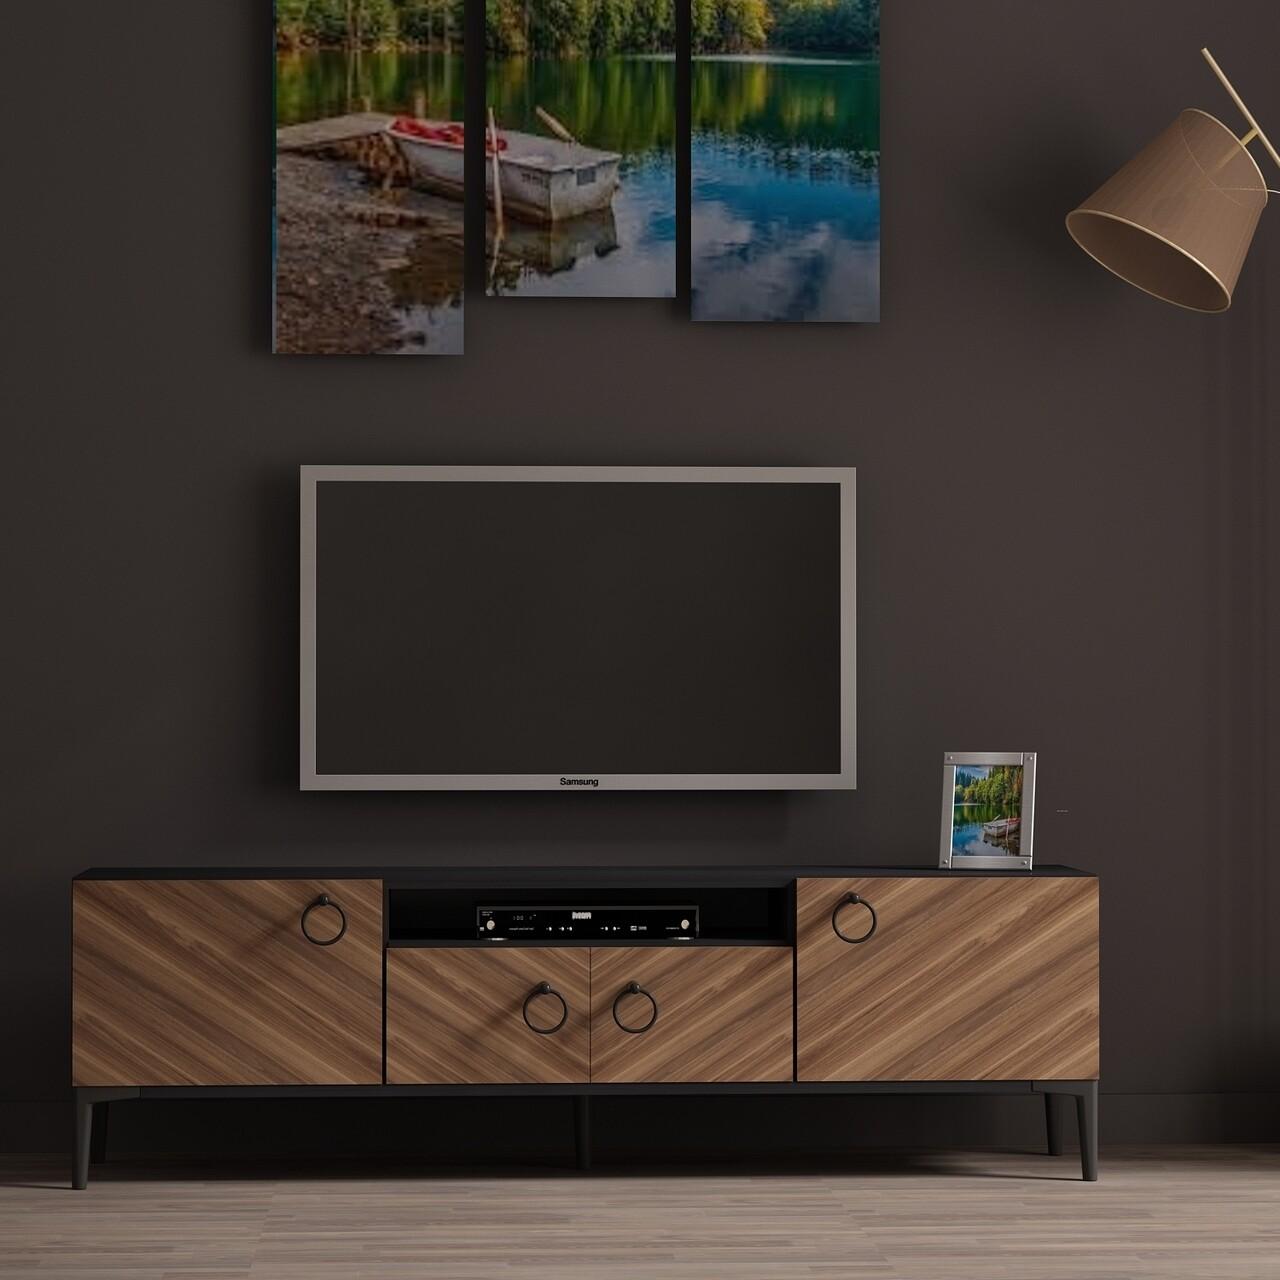 Comoda TV ELEGANTE, Gauge Concept, 150x31x45 cm, PAL, aluna/negru